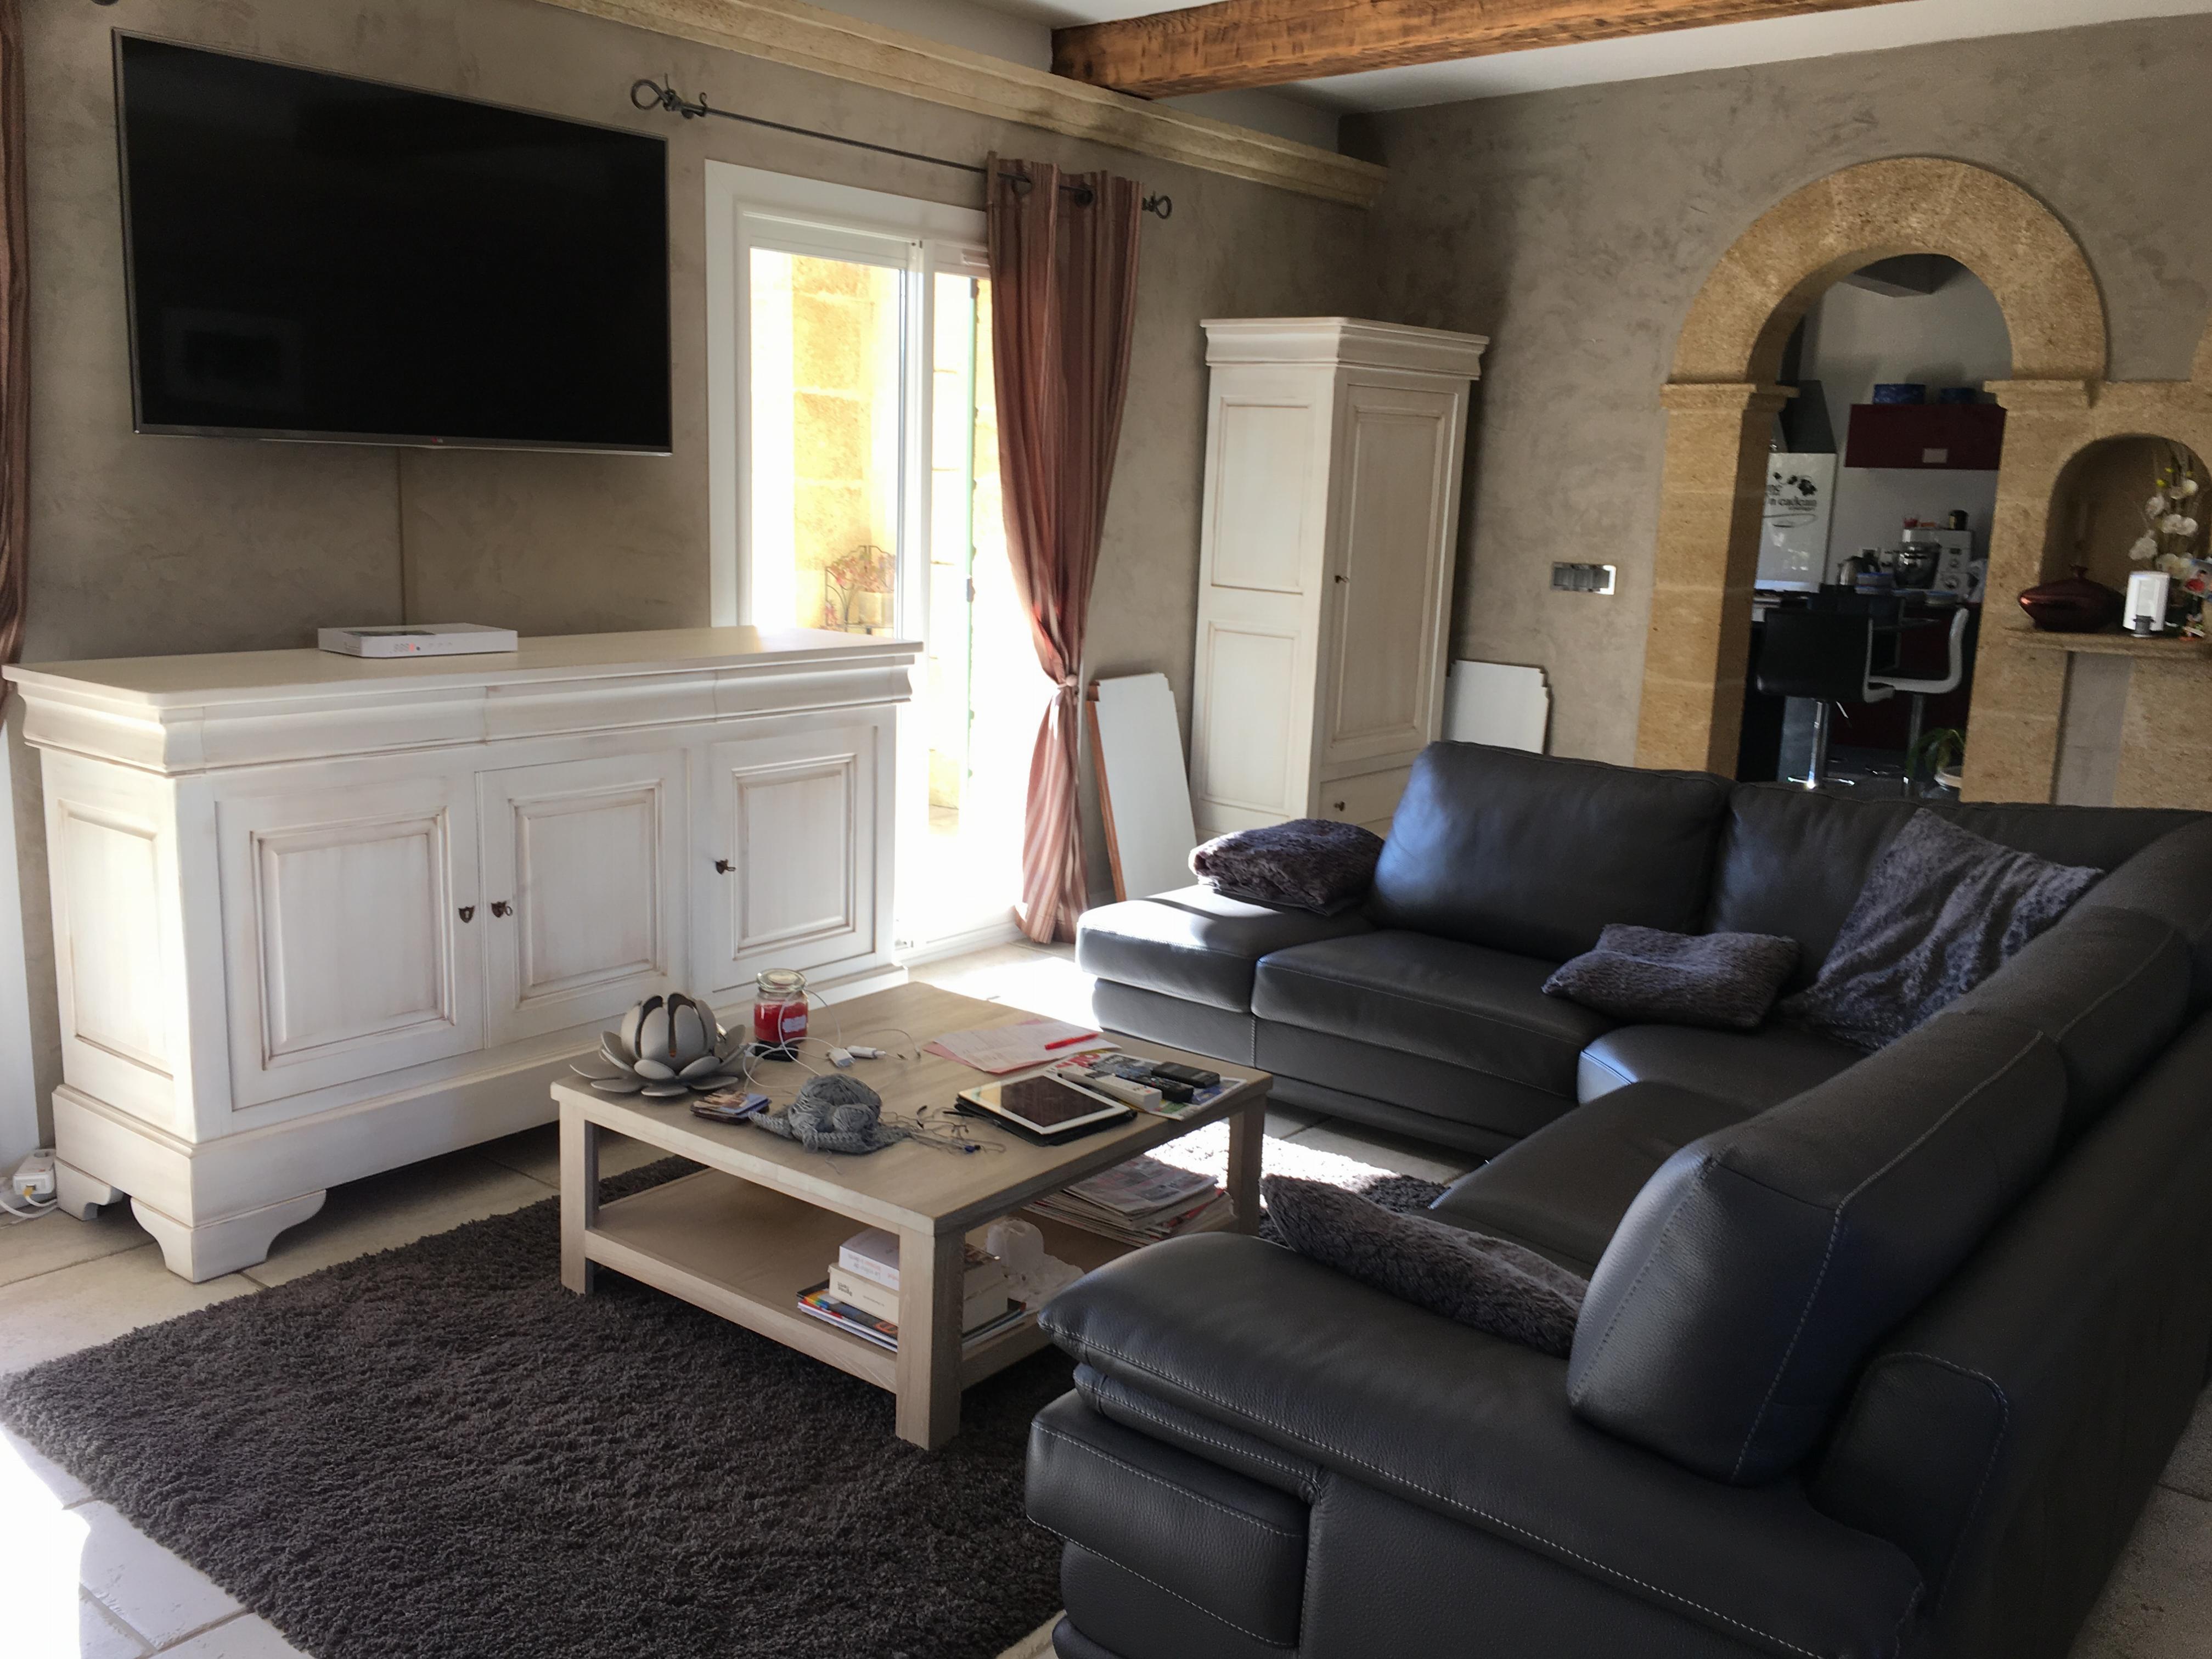 r alisations relooking du coin salon mallemort. Black Bedroom Furniture Sets. Home Design Ideas